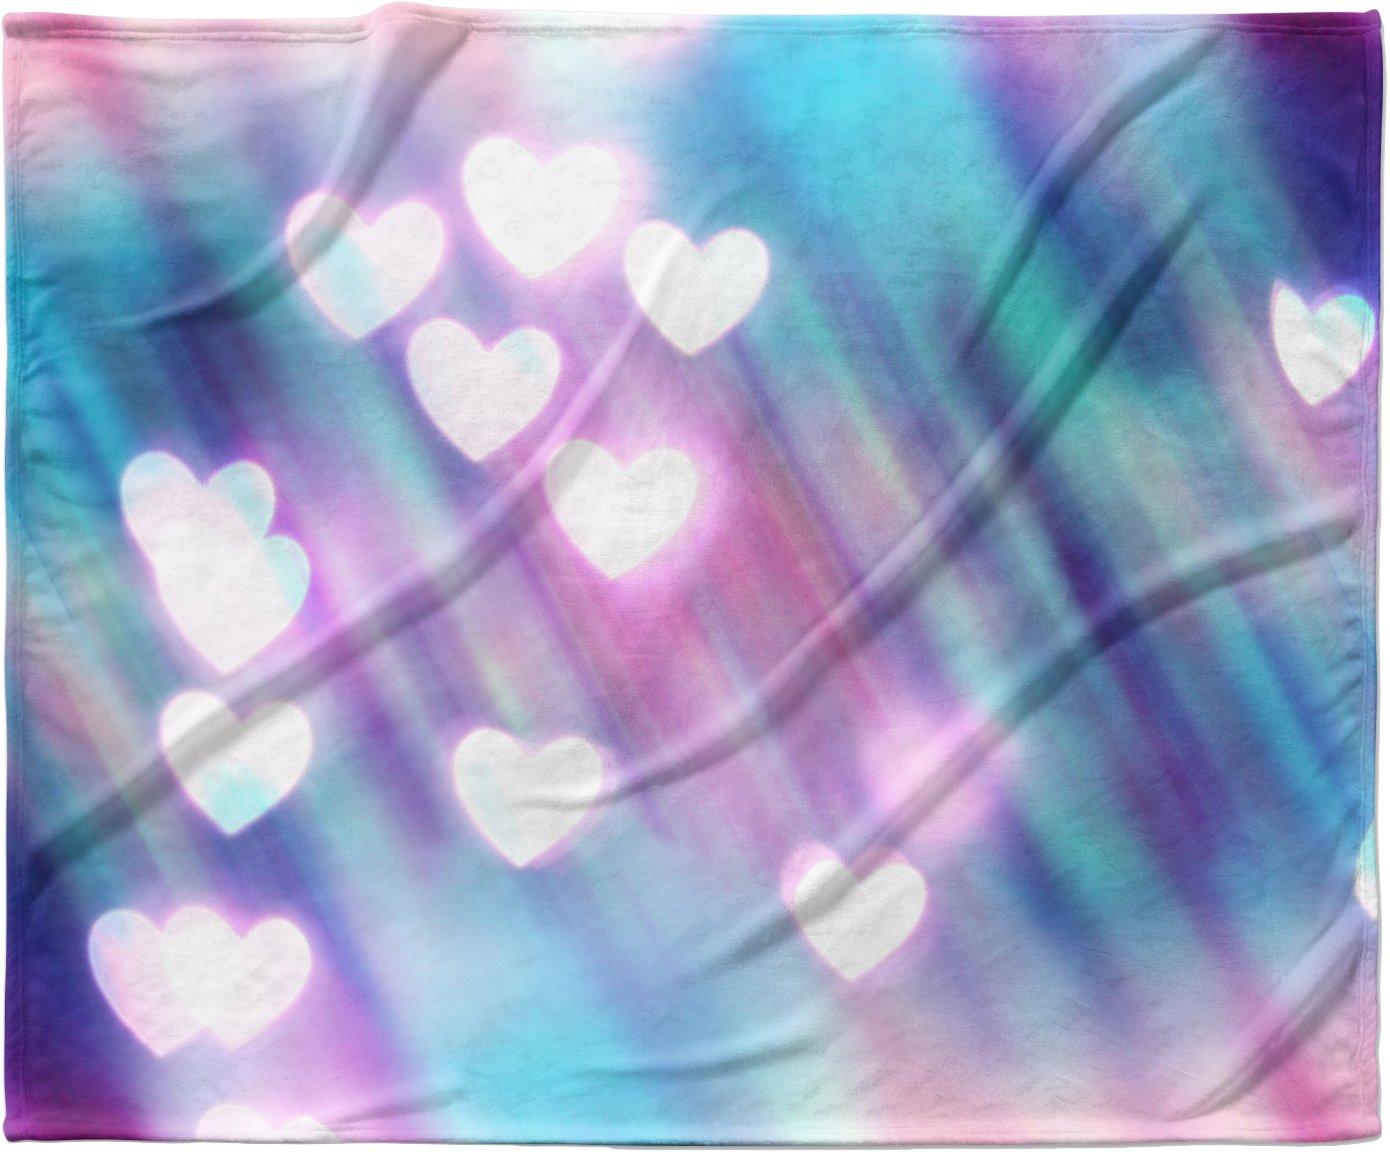 KESS InHouse Beth Engel Your Love is Sweet Like Candy Heart Fleece Baby Blanket 40 x 30